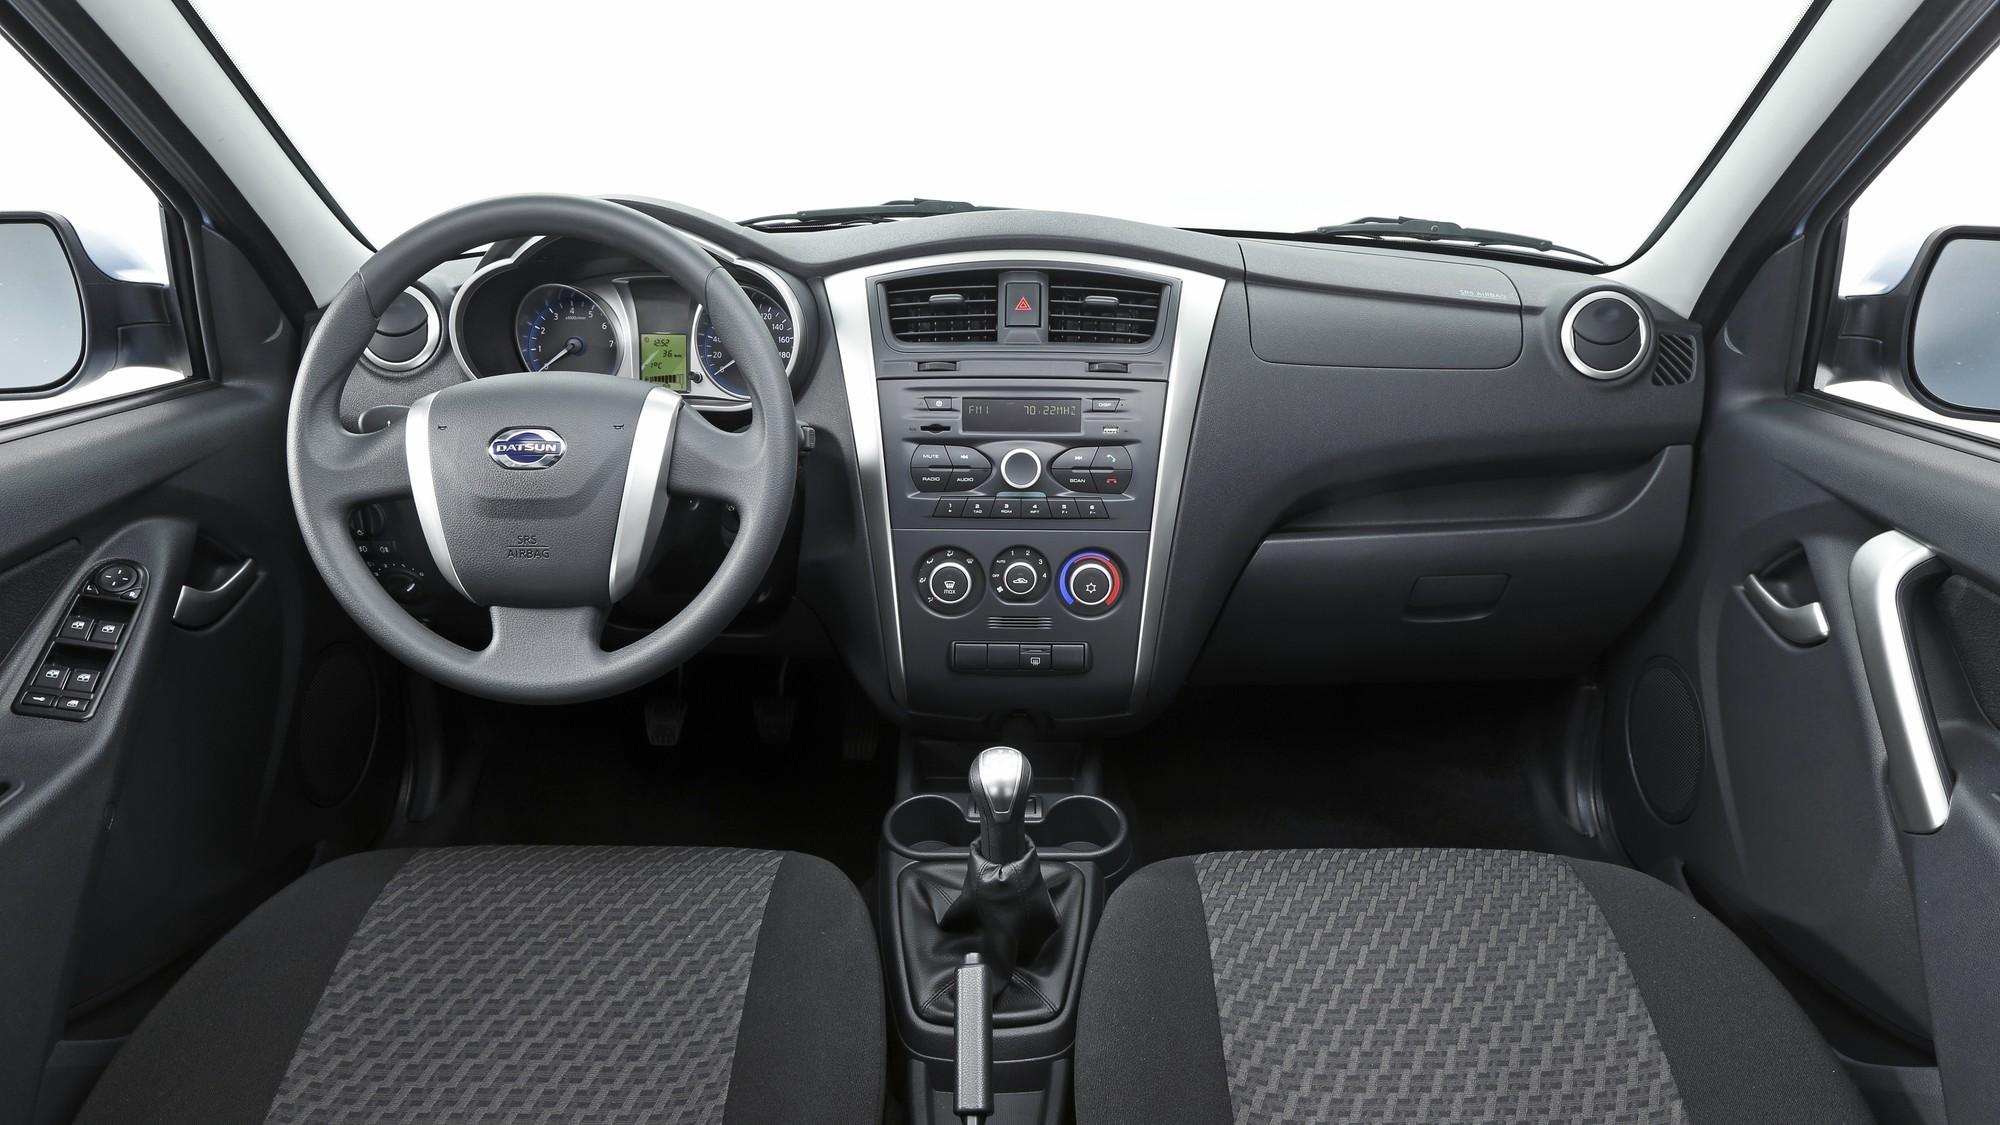 Datsun отзывает большинство проданных машин в РФ: надо заменить подушки-убийцы